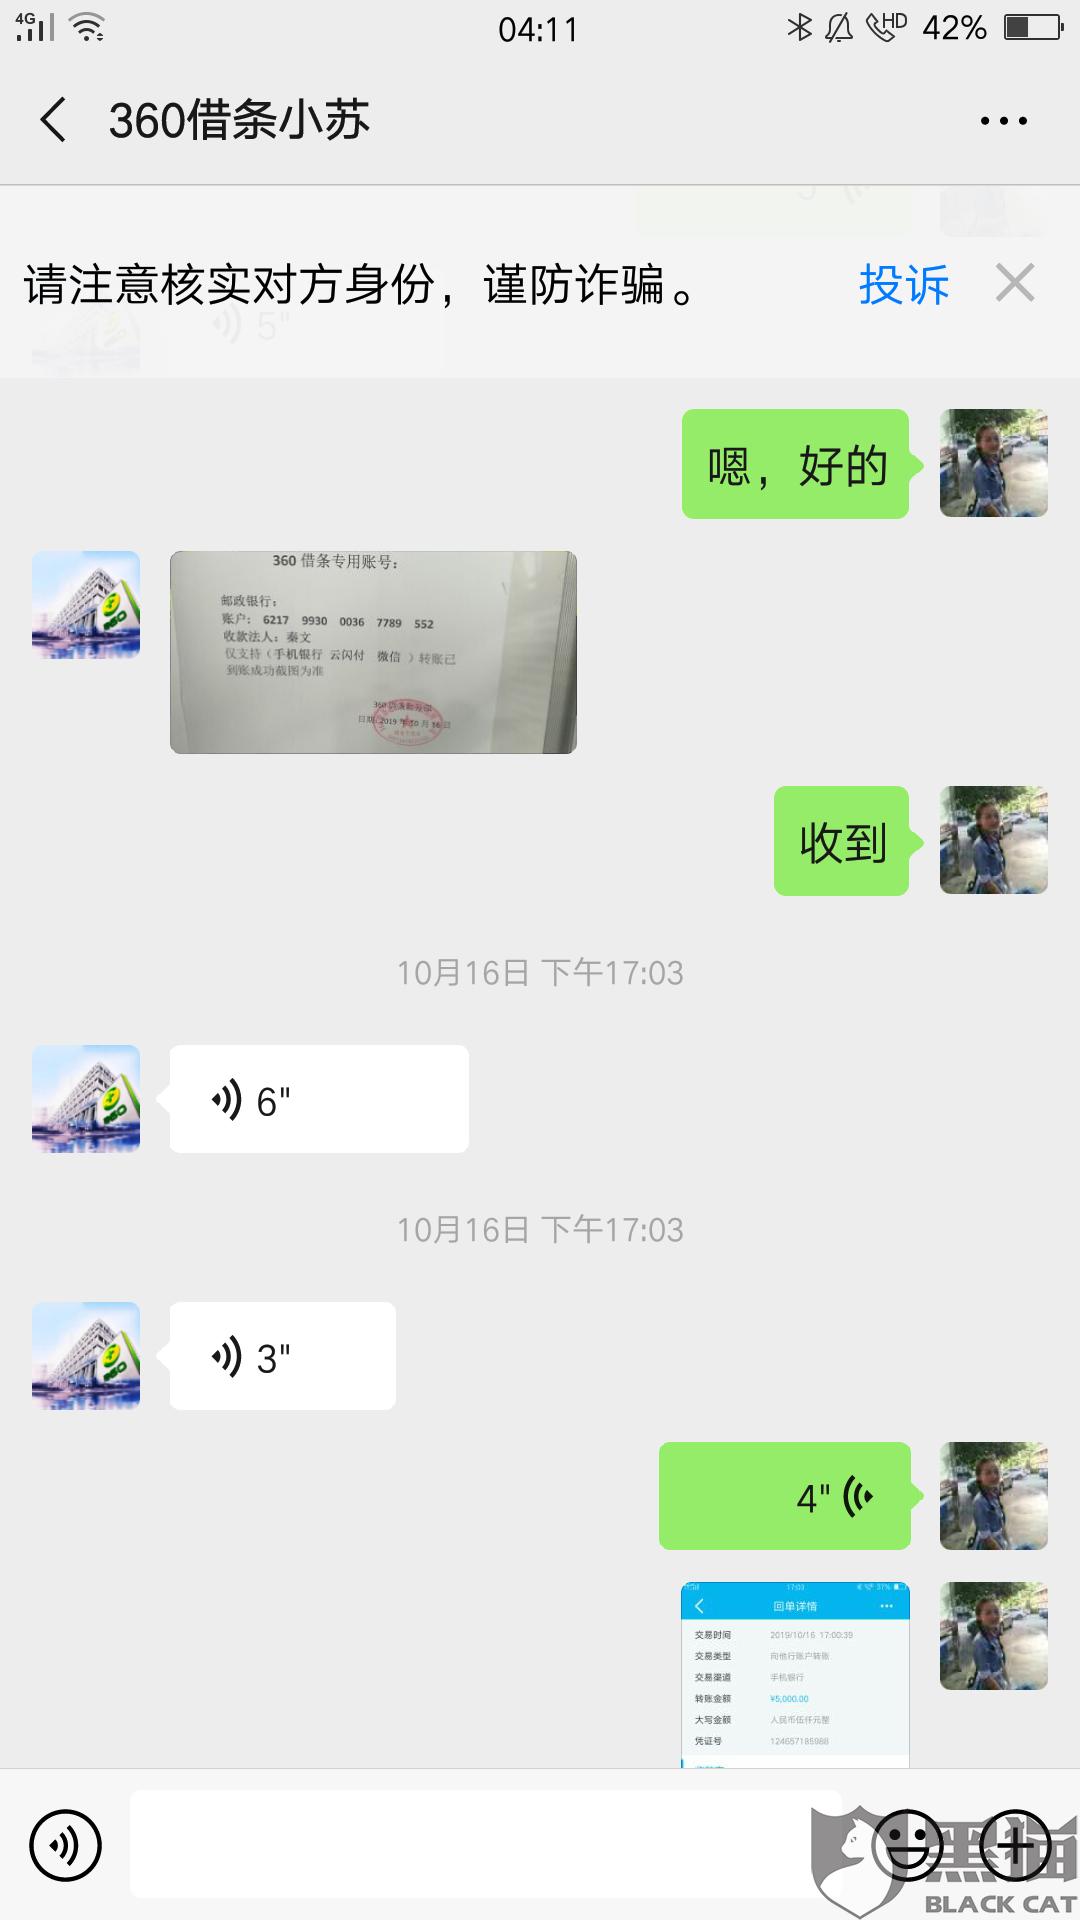 黑猫投诉:贷款不到账,要求360借条北京奇虎科技有限公司把我转过去的款退还回来